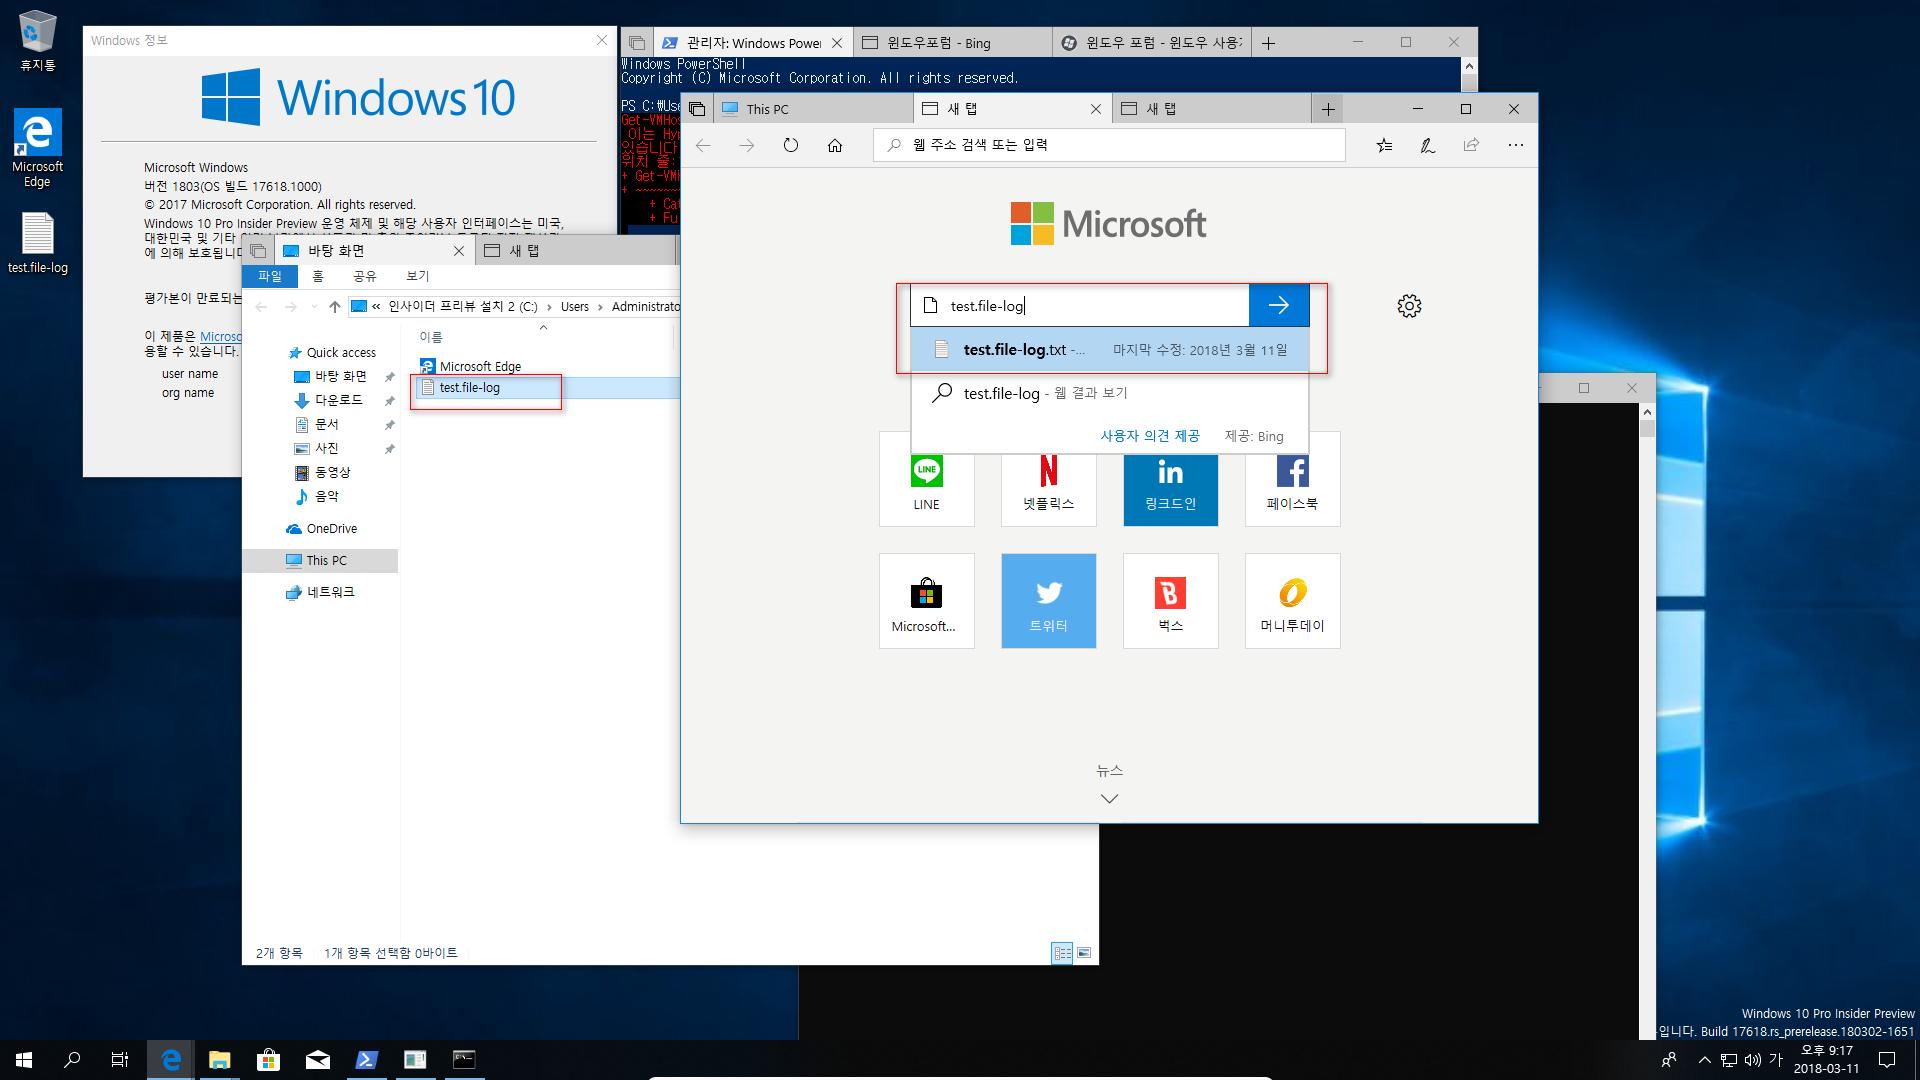 윈도10 레드스톤5 17618 빌드에서 - 사용자 파일까지 검색 되네요 2018-03-11_211811.png